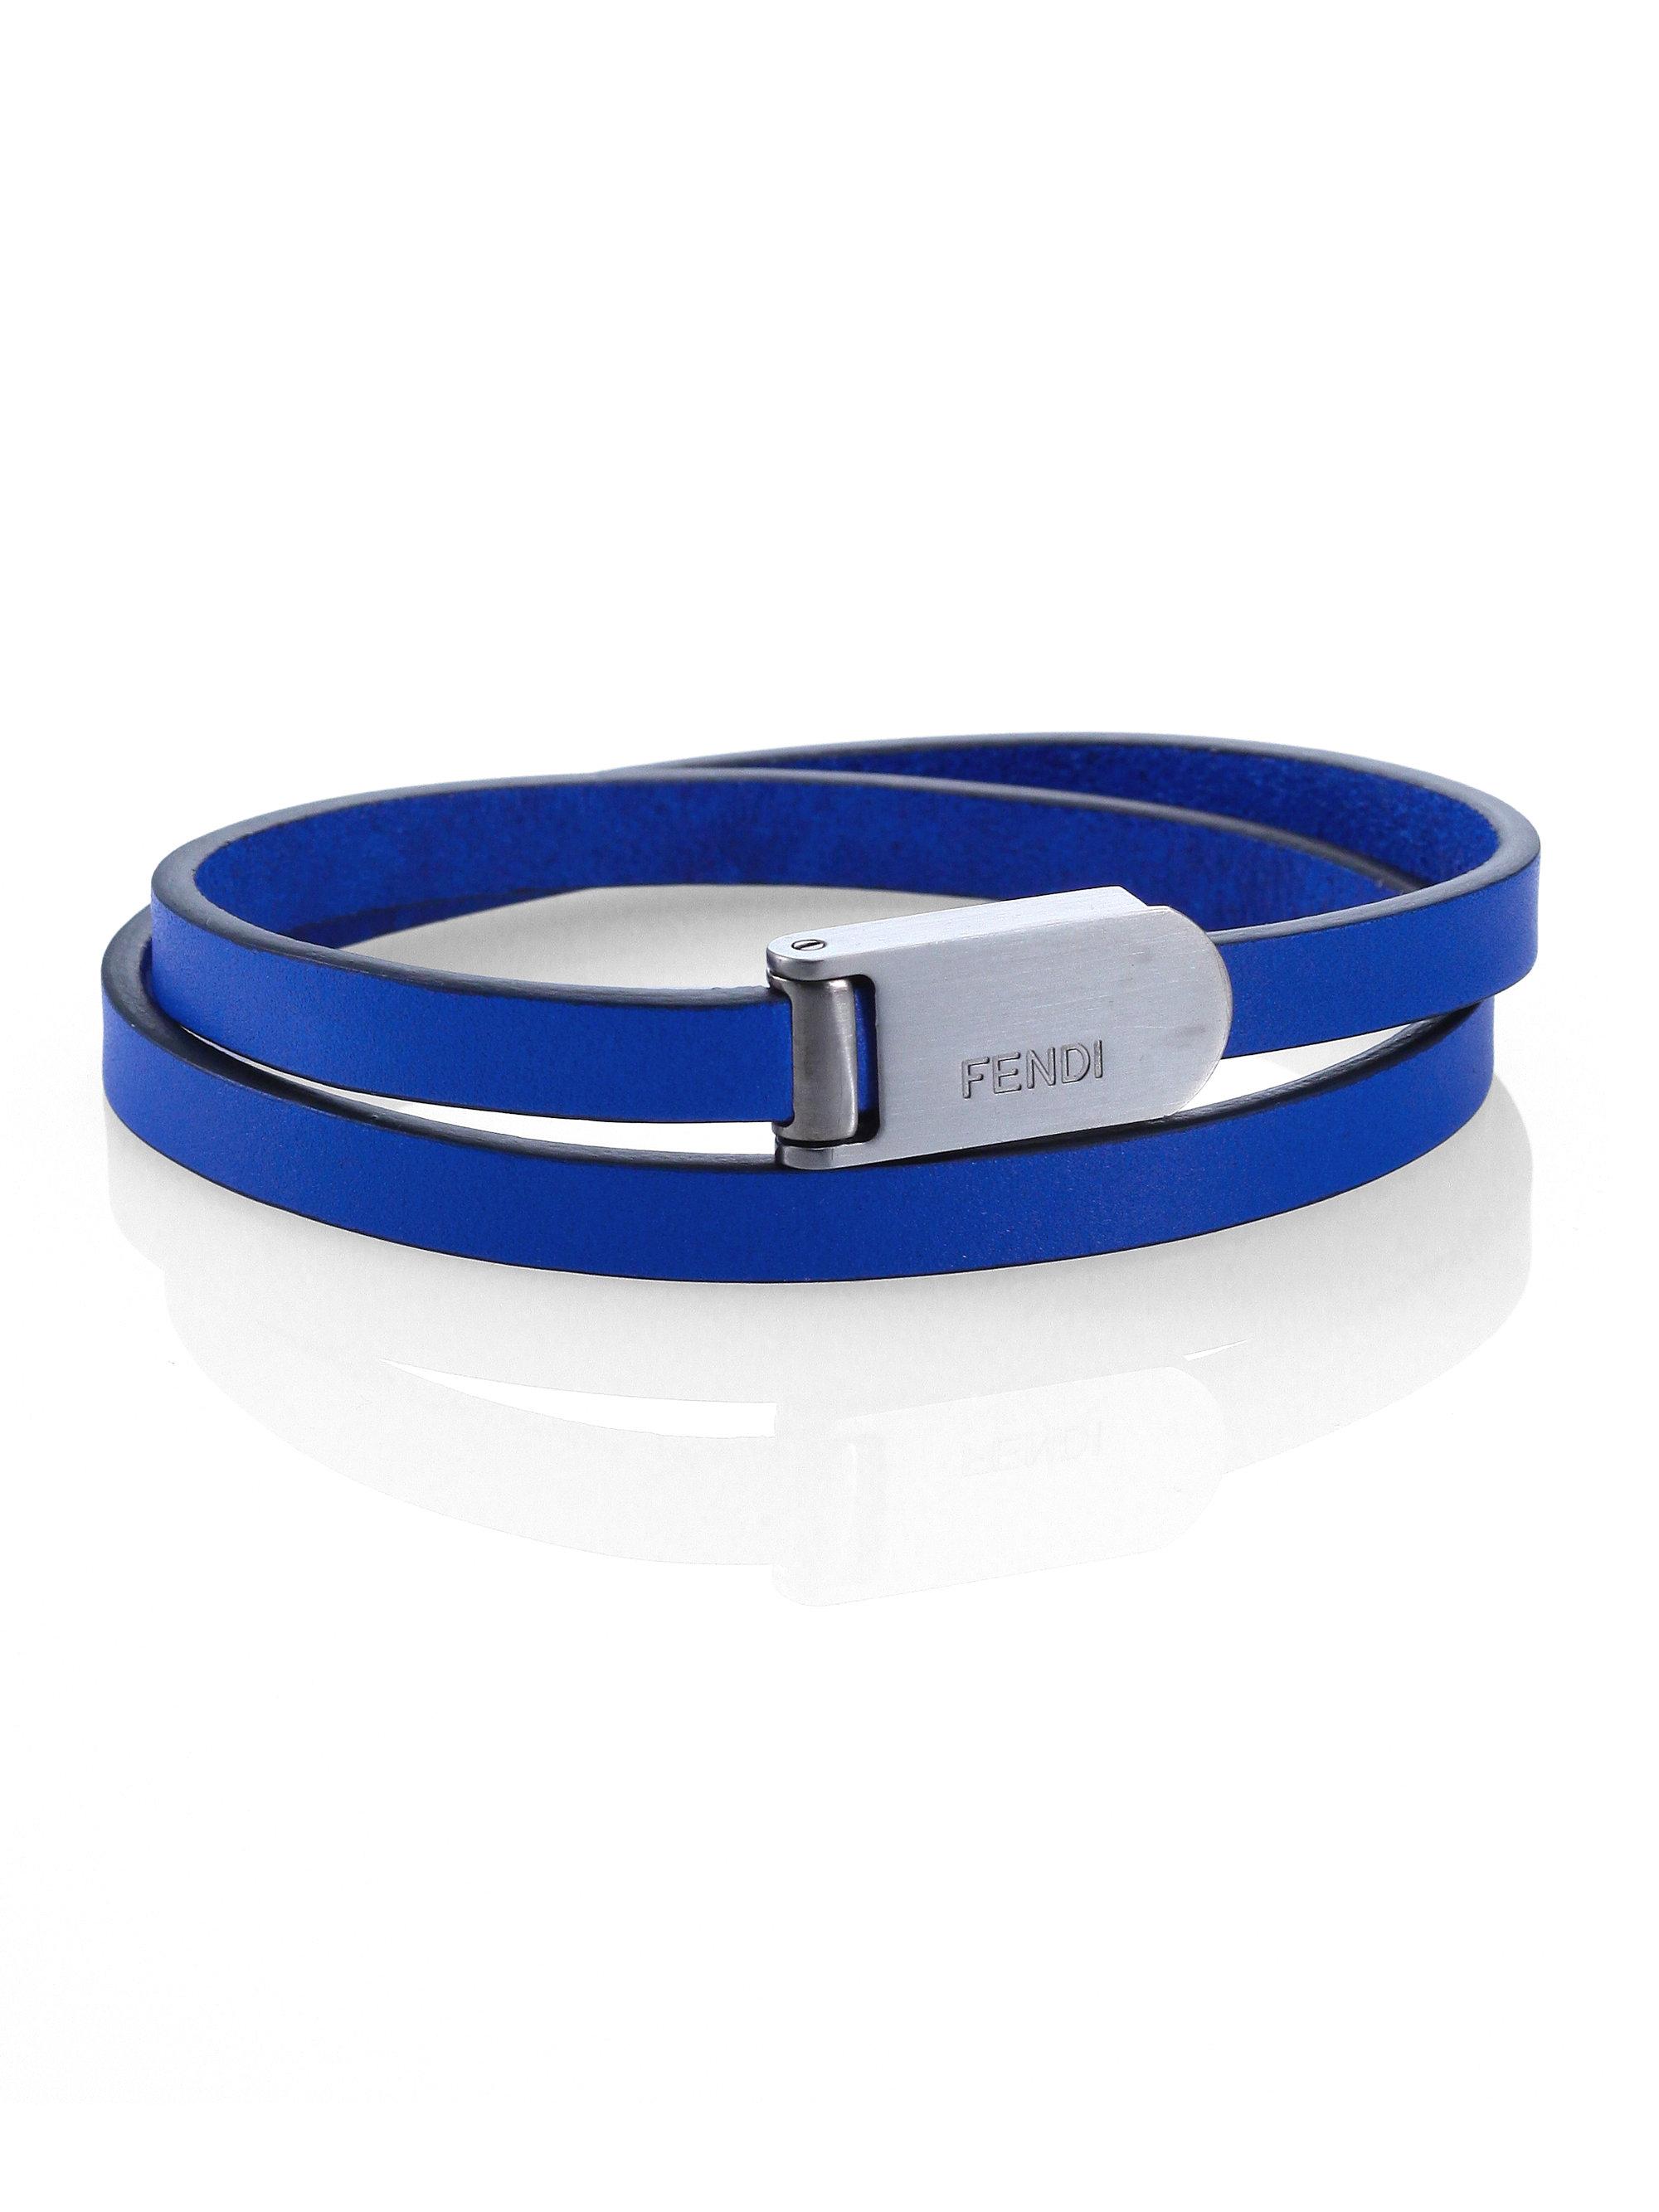 Fendi Leather Wrap Bracelet In Blue For Men Lyst